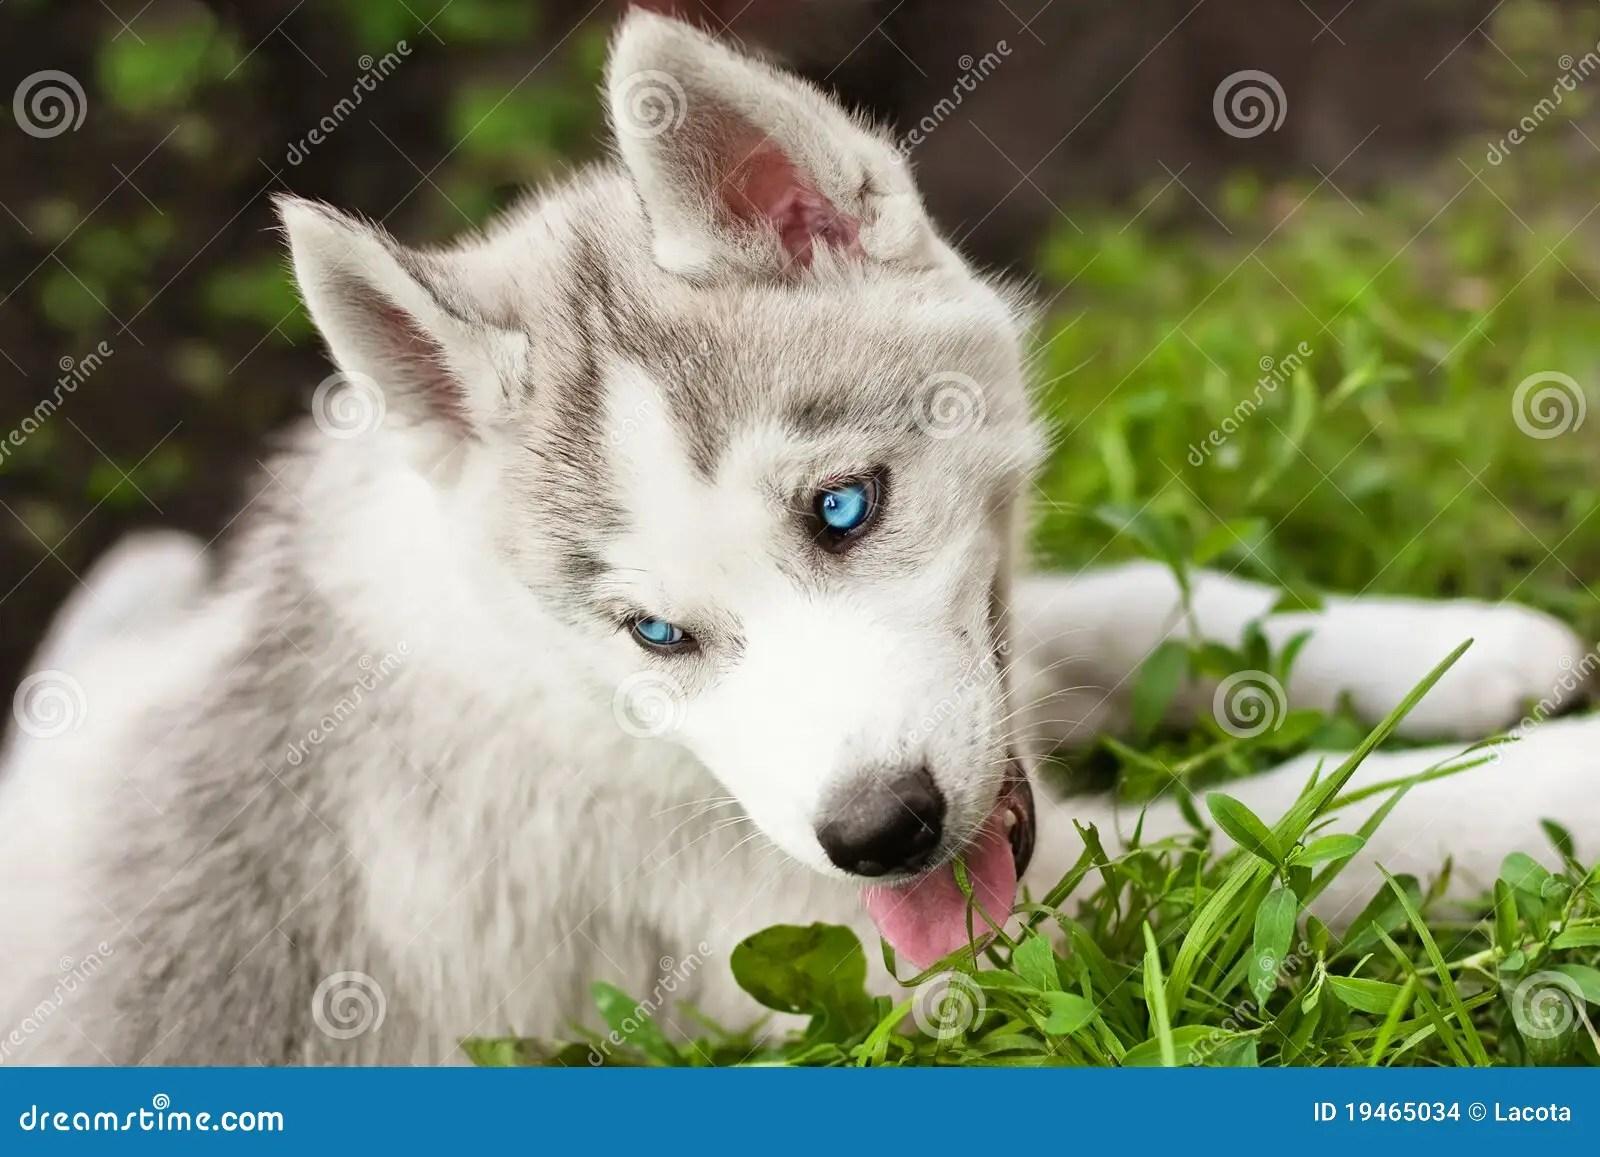 Cute Husky Puppies With Blue Eyes Wallpaper Bl 229 246 Gd Valp F 246 R Siberian Husky Arkivfoto Bild Av Husdjur